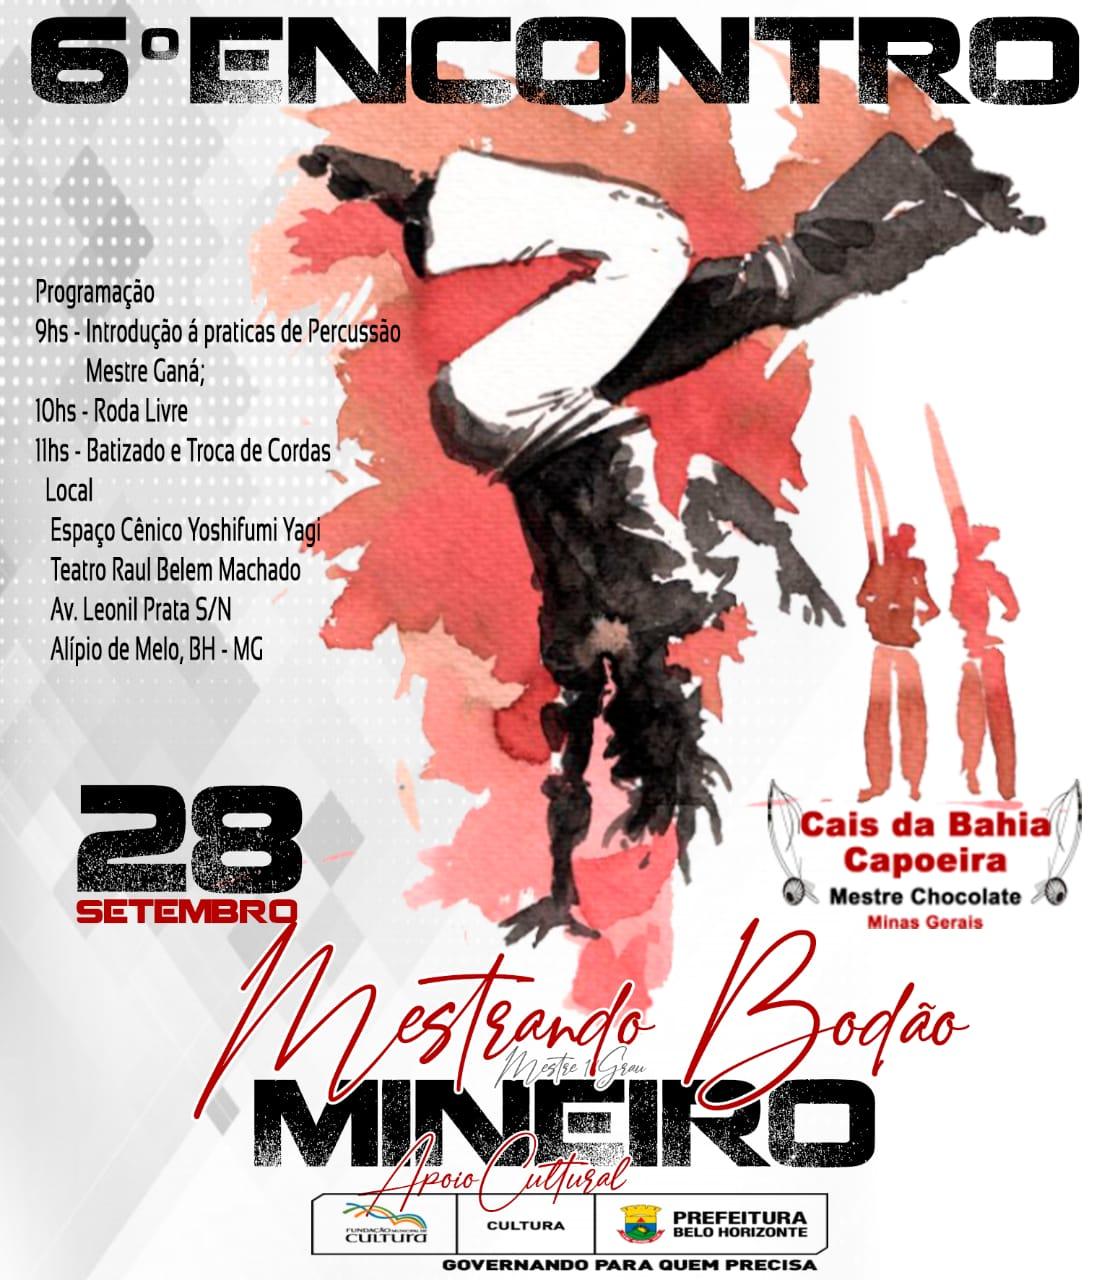 6º Encontro Mineiro 2019